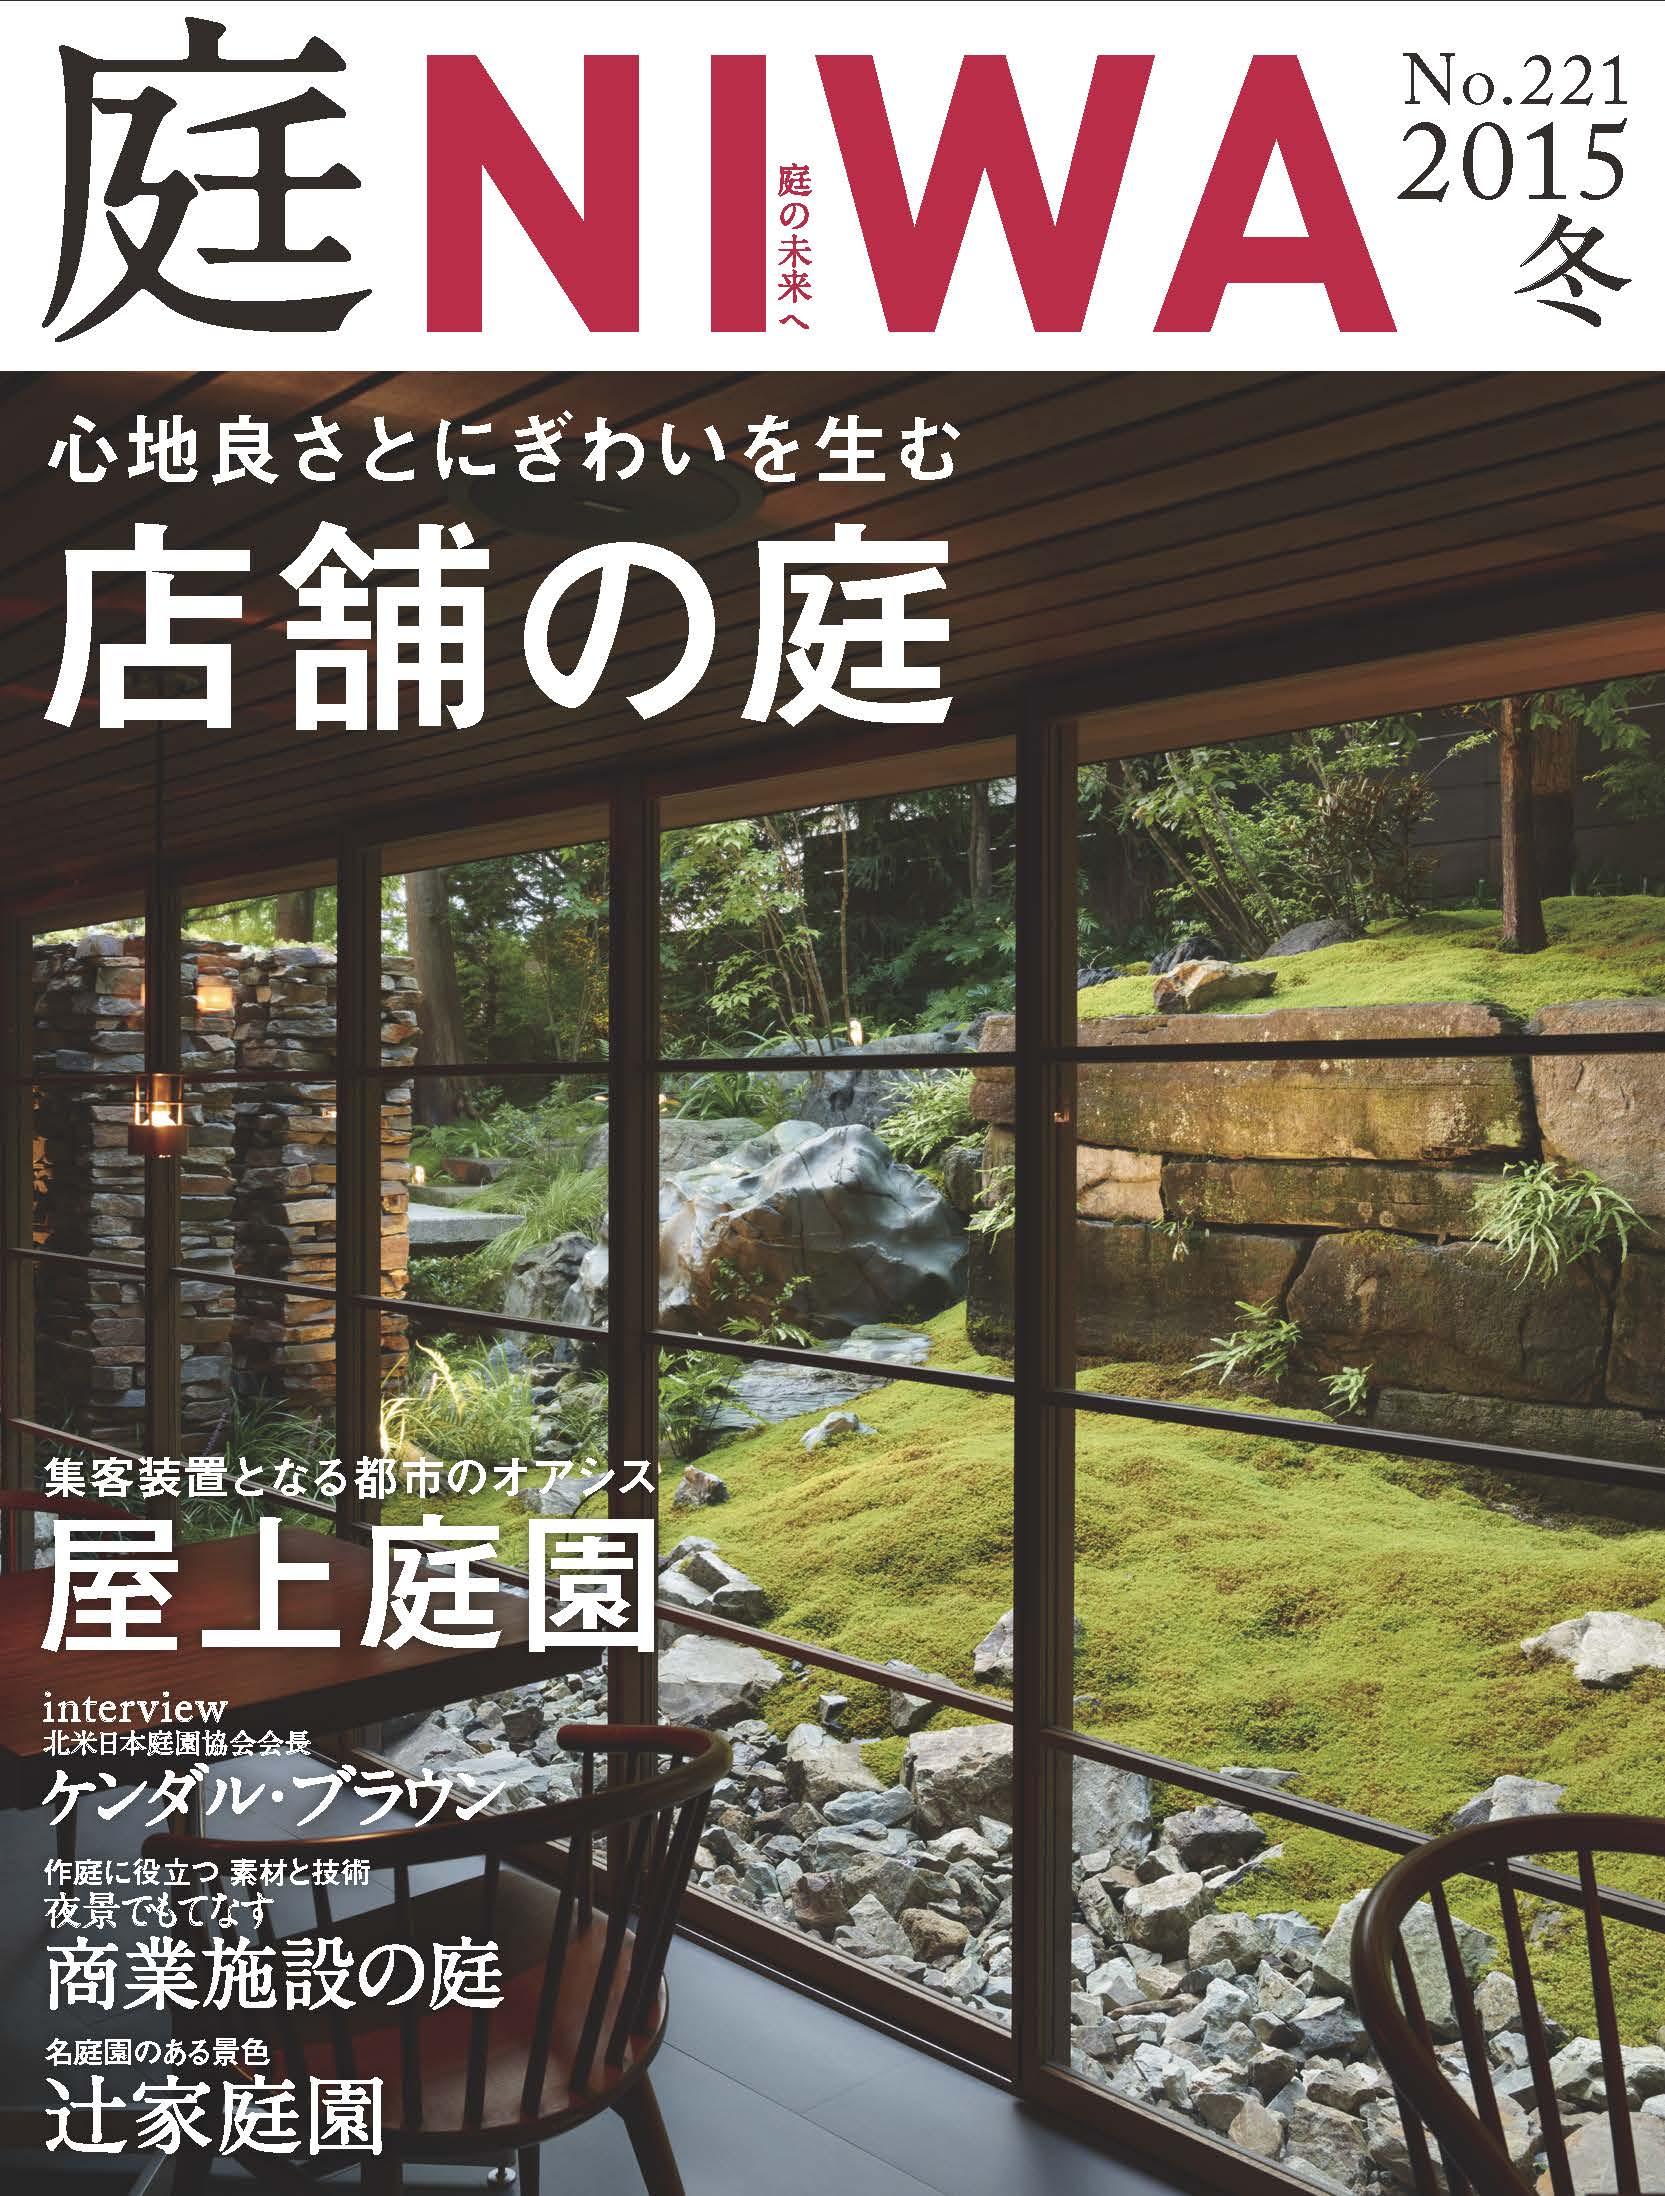 庭NIWA『心地良さとにぎわいを生む 店舗の庭』 No.221 2015冬